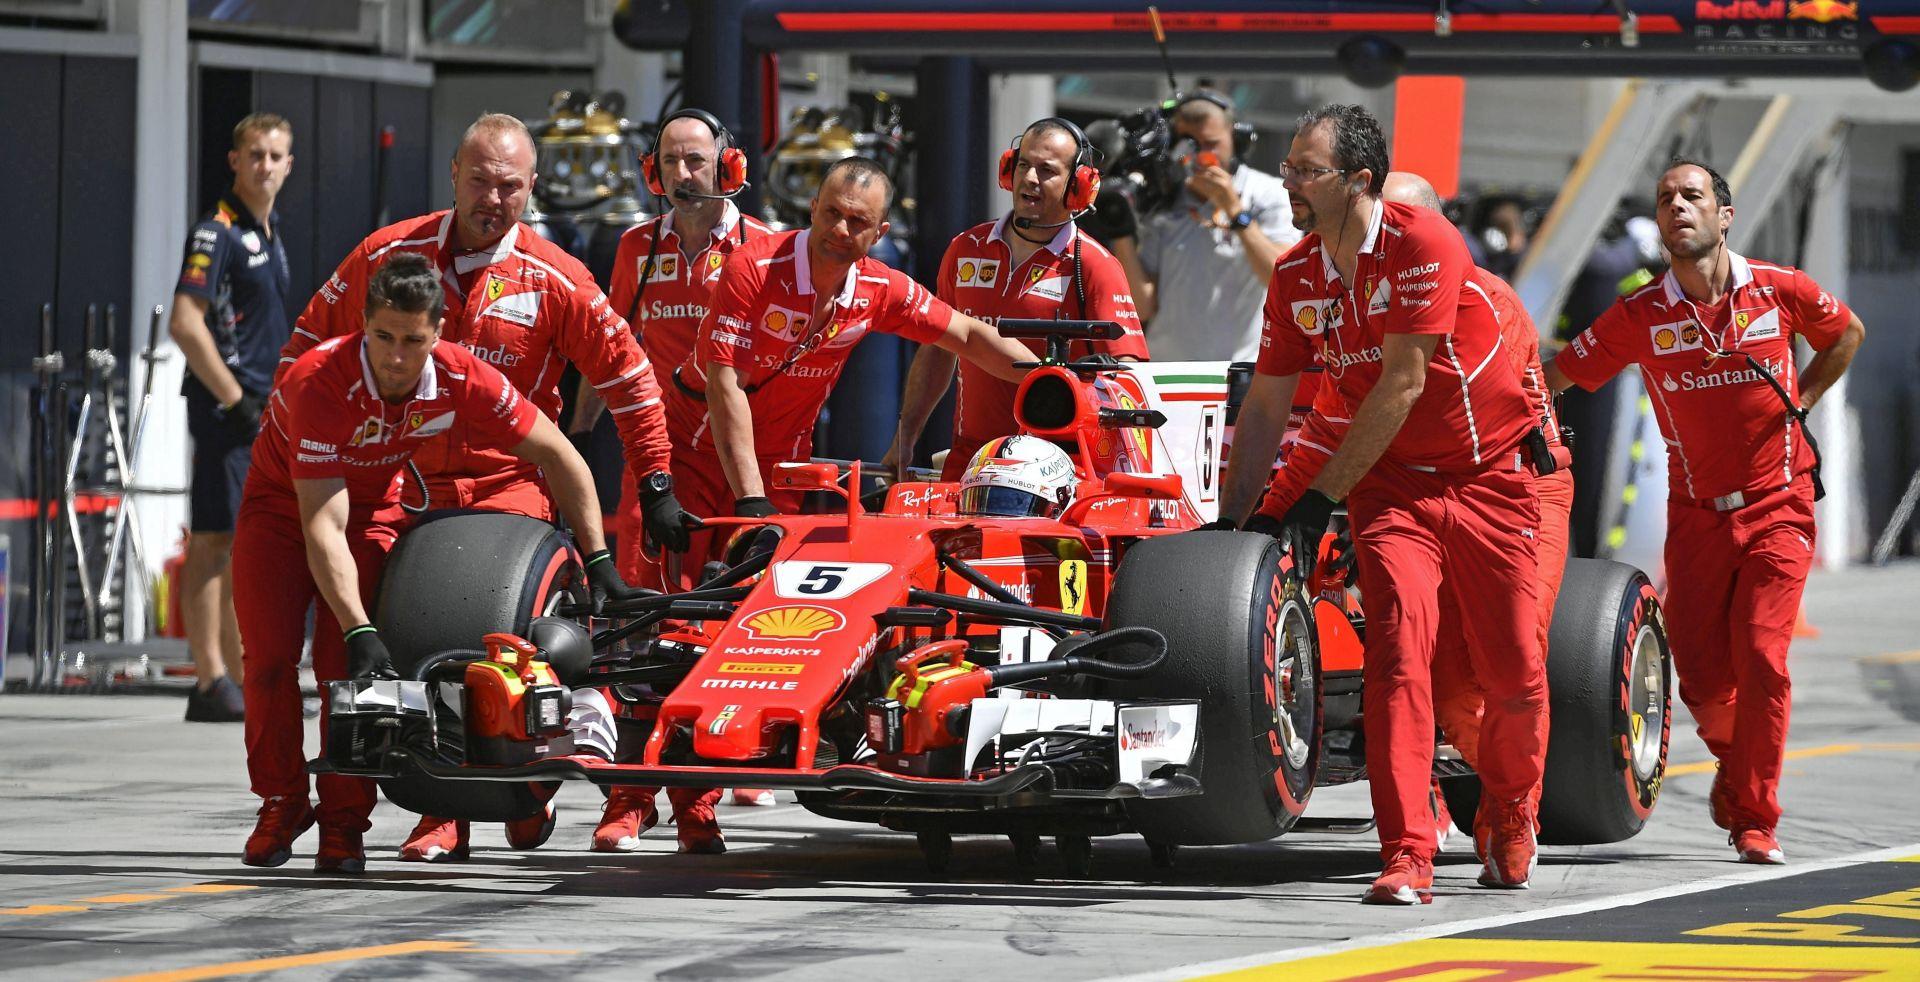 SLAVLJE FERRARIJA Pobjeda Vettela na otvaranju sezone